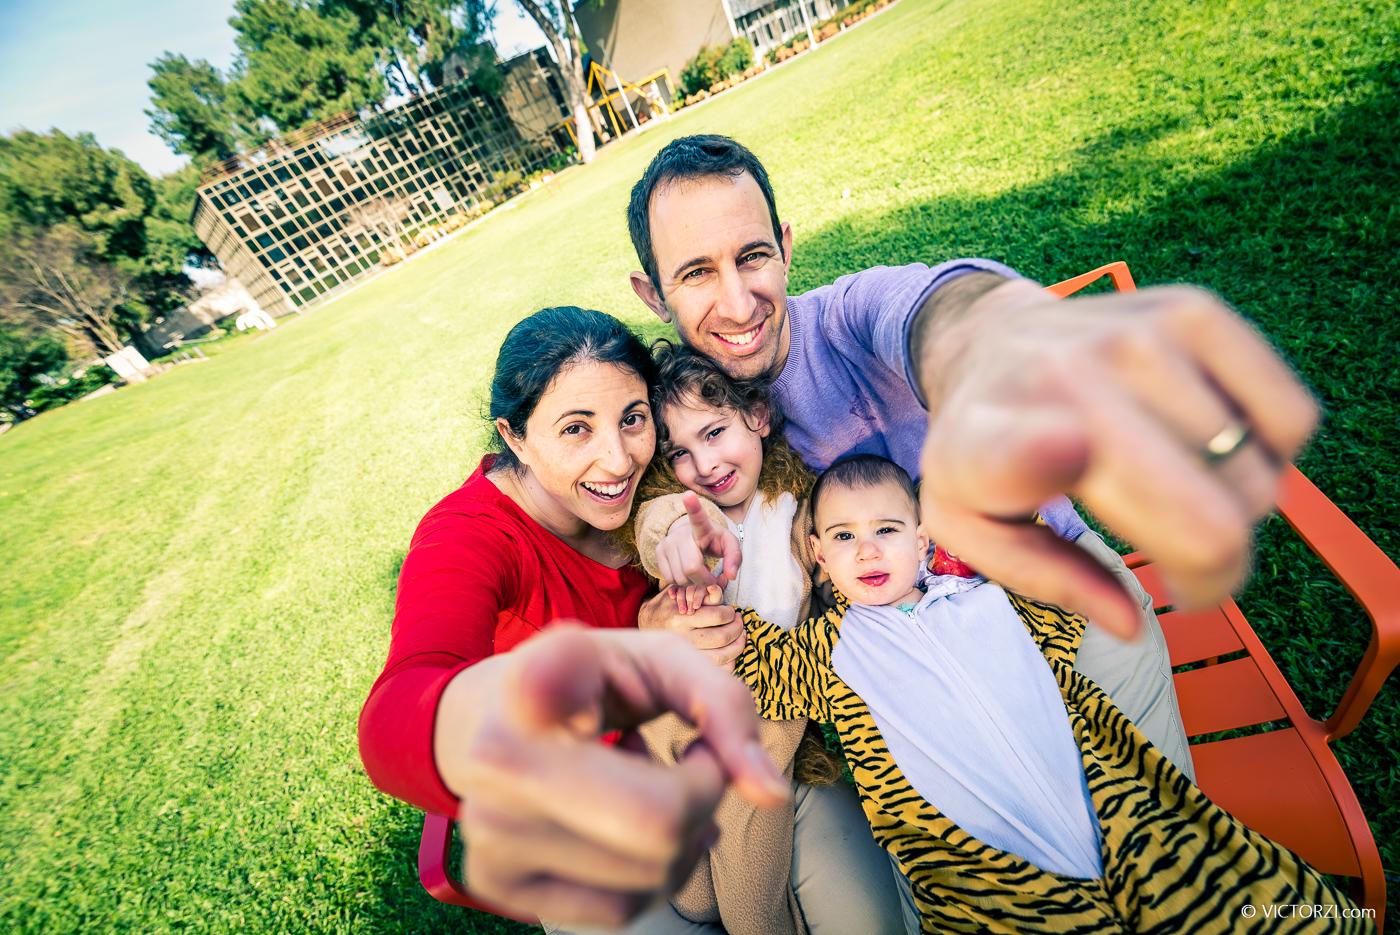 צילומים בפורים עם משפחה אשל המקסימה